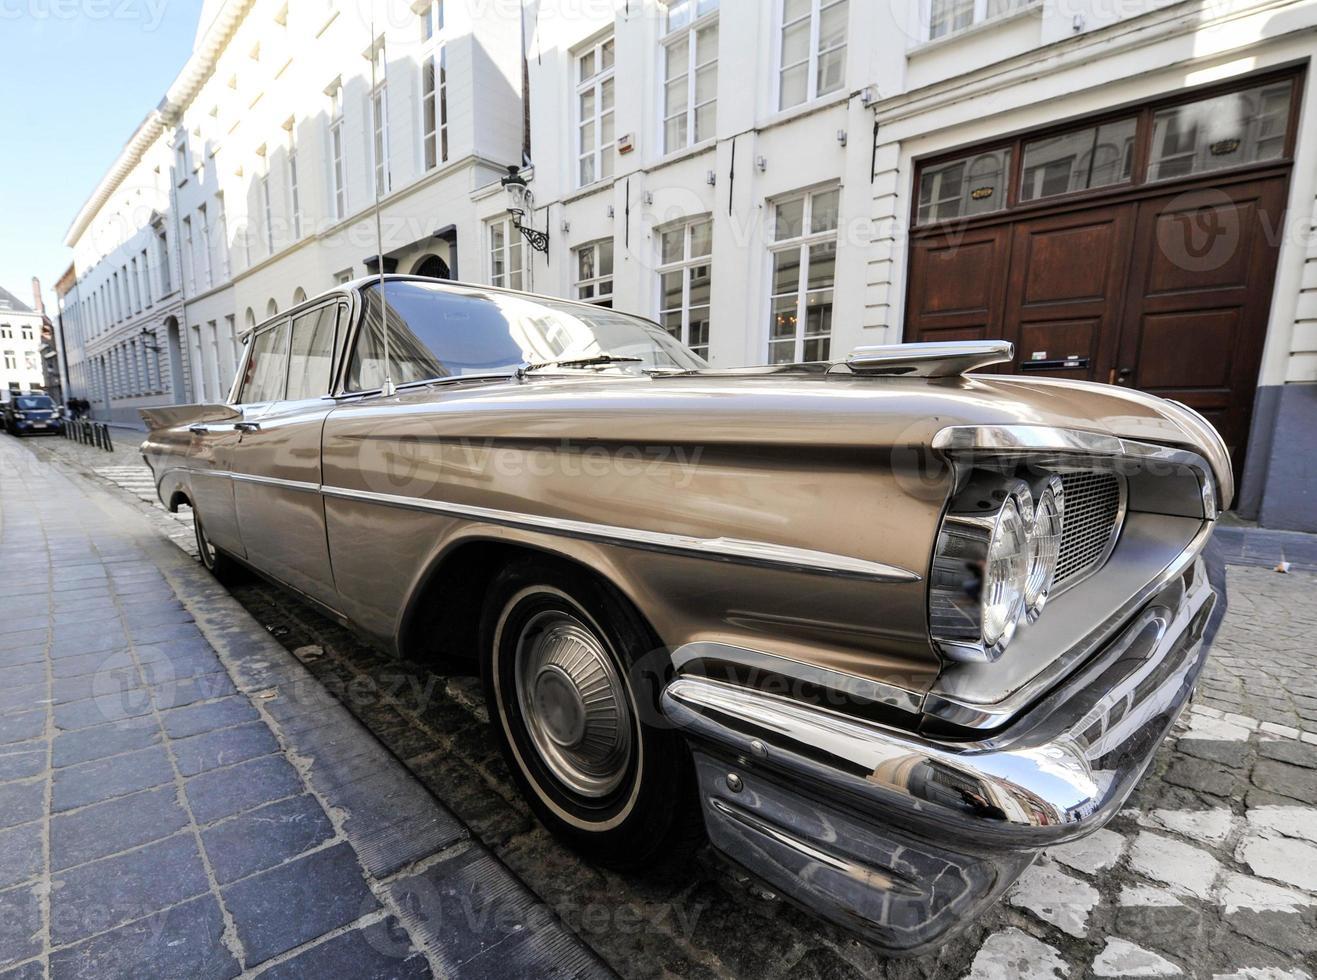 voiture classique garée dans une rue photo